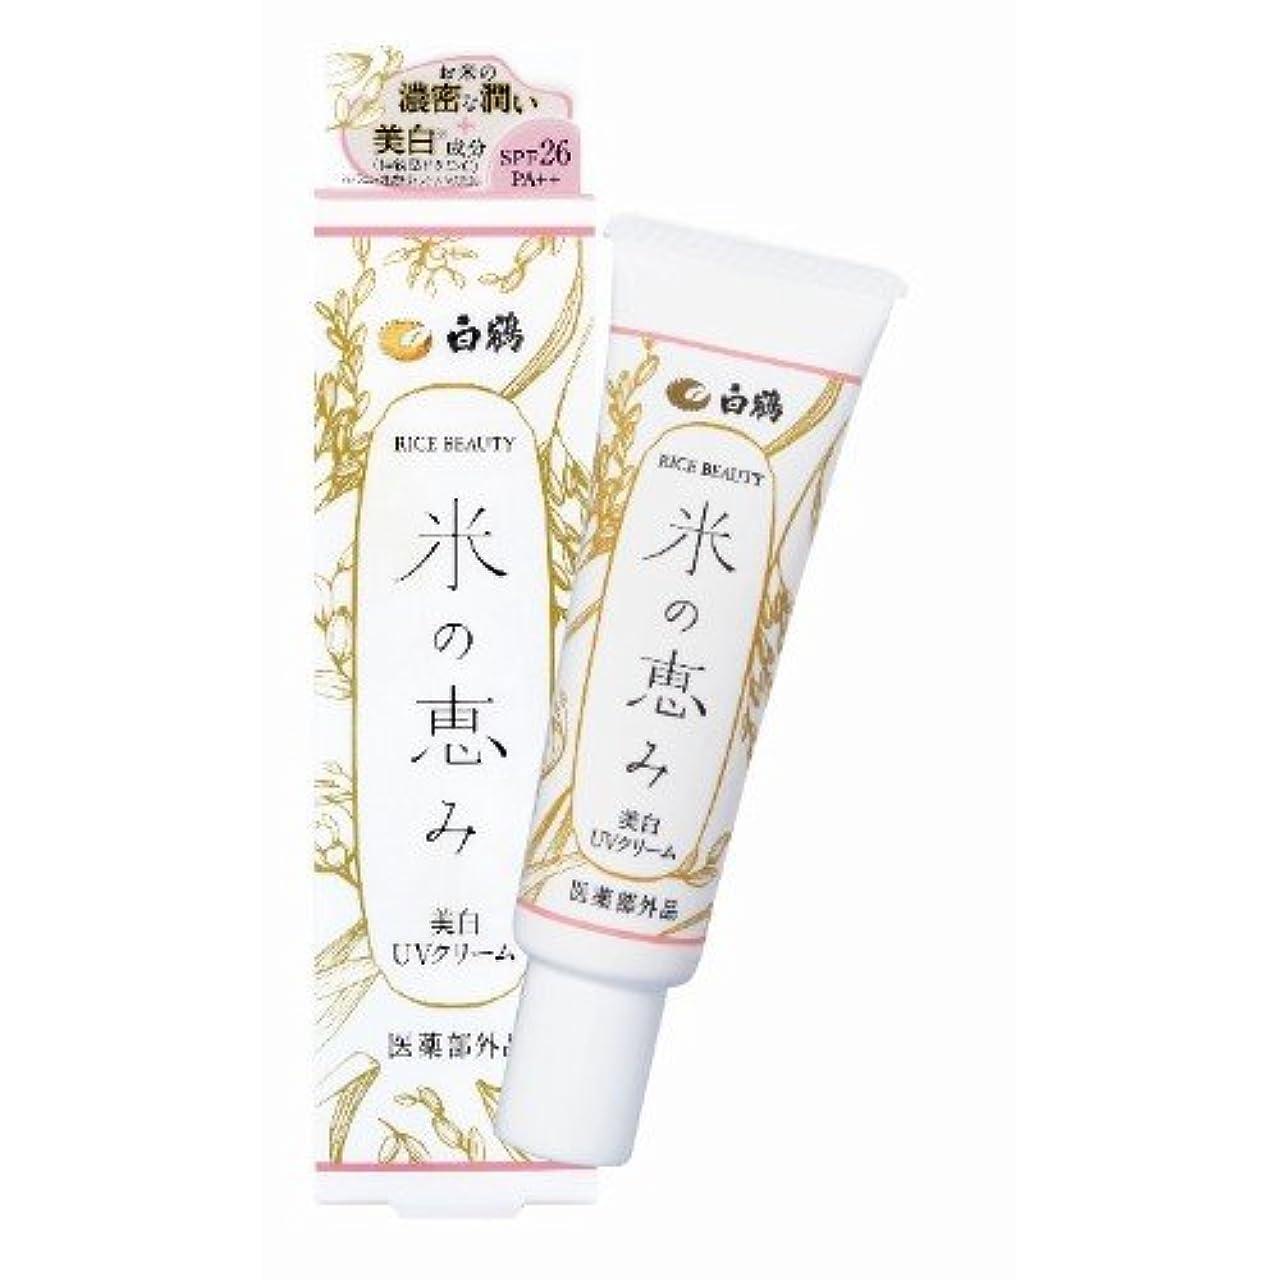 野望データベース新着白鶴 ライスビューティー 米の恵み 美白UVクリーム 30g SPF26/PA++ (日焼け止め/医薬部外品)